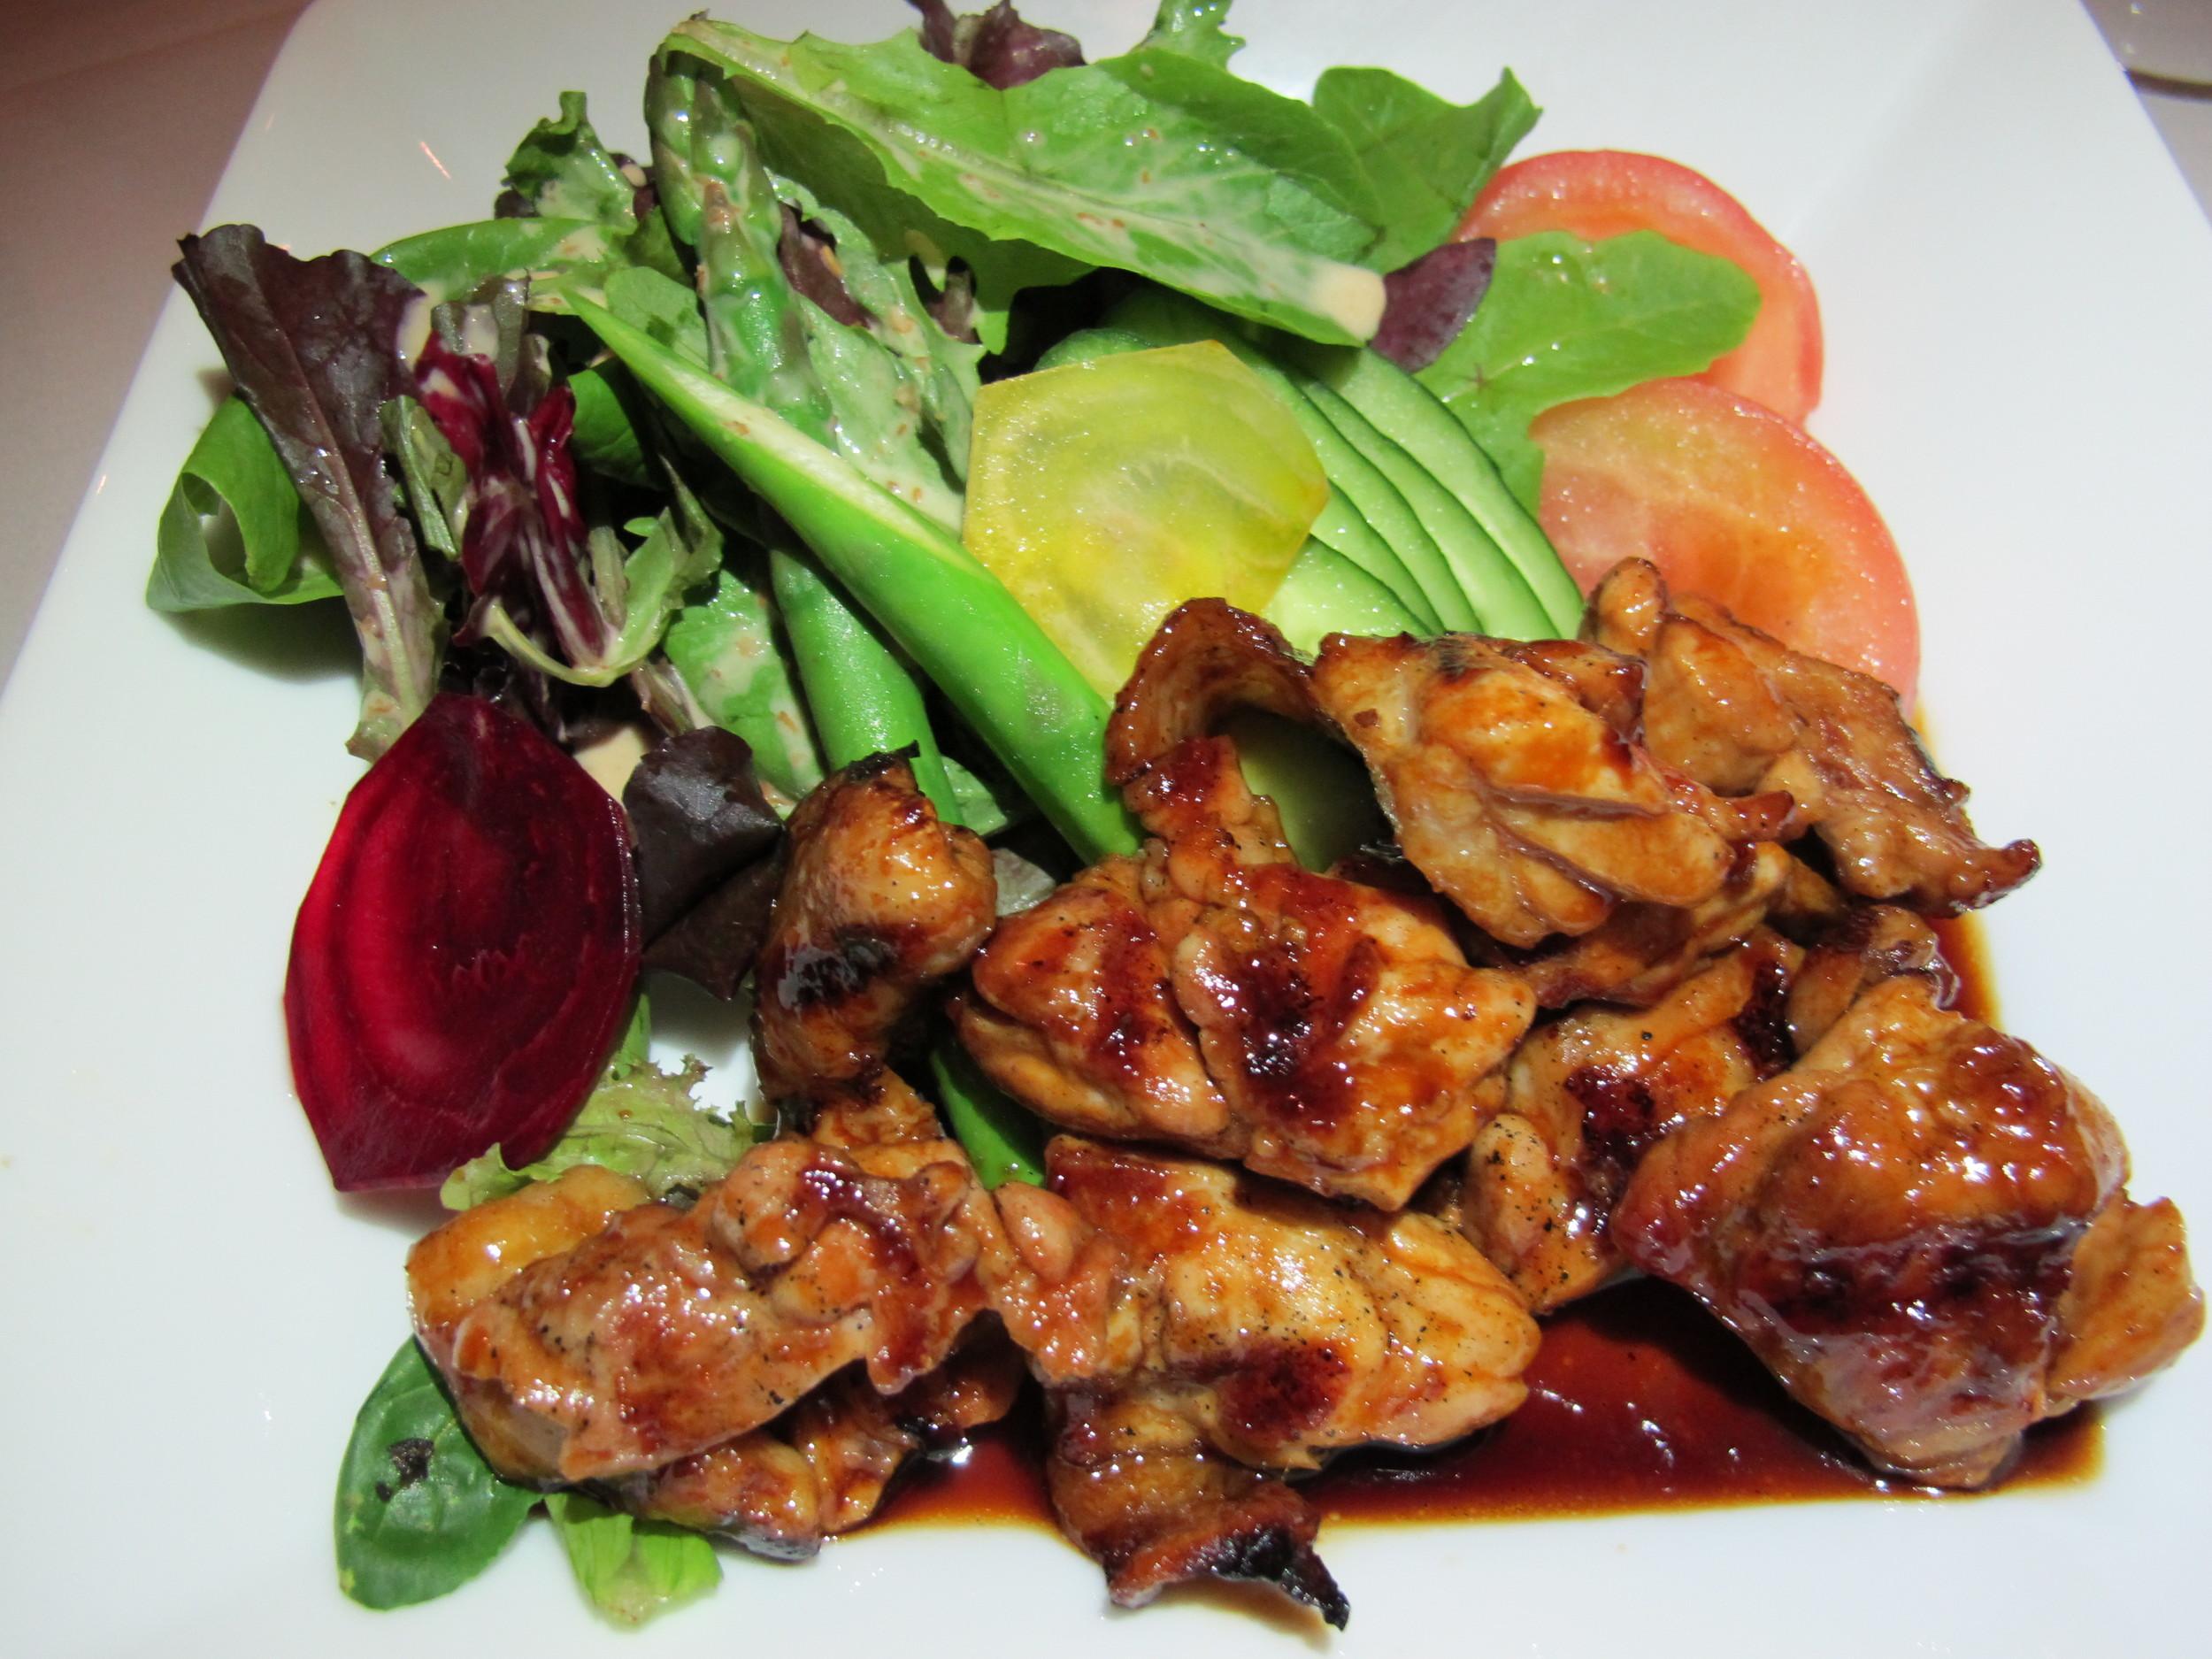 Shiki chicken